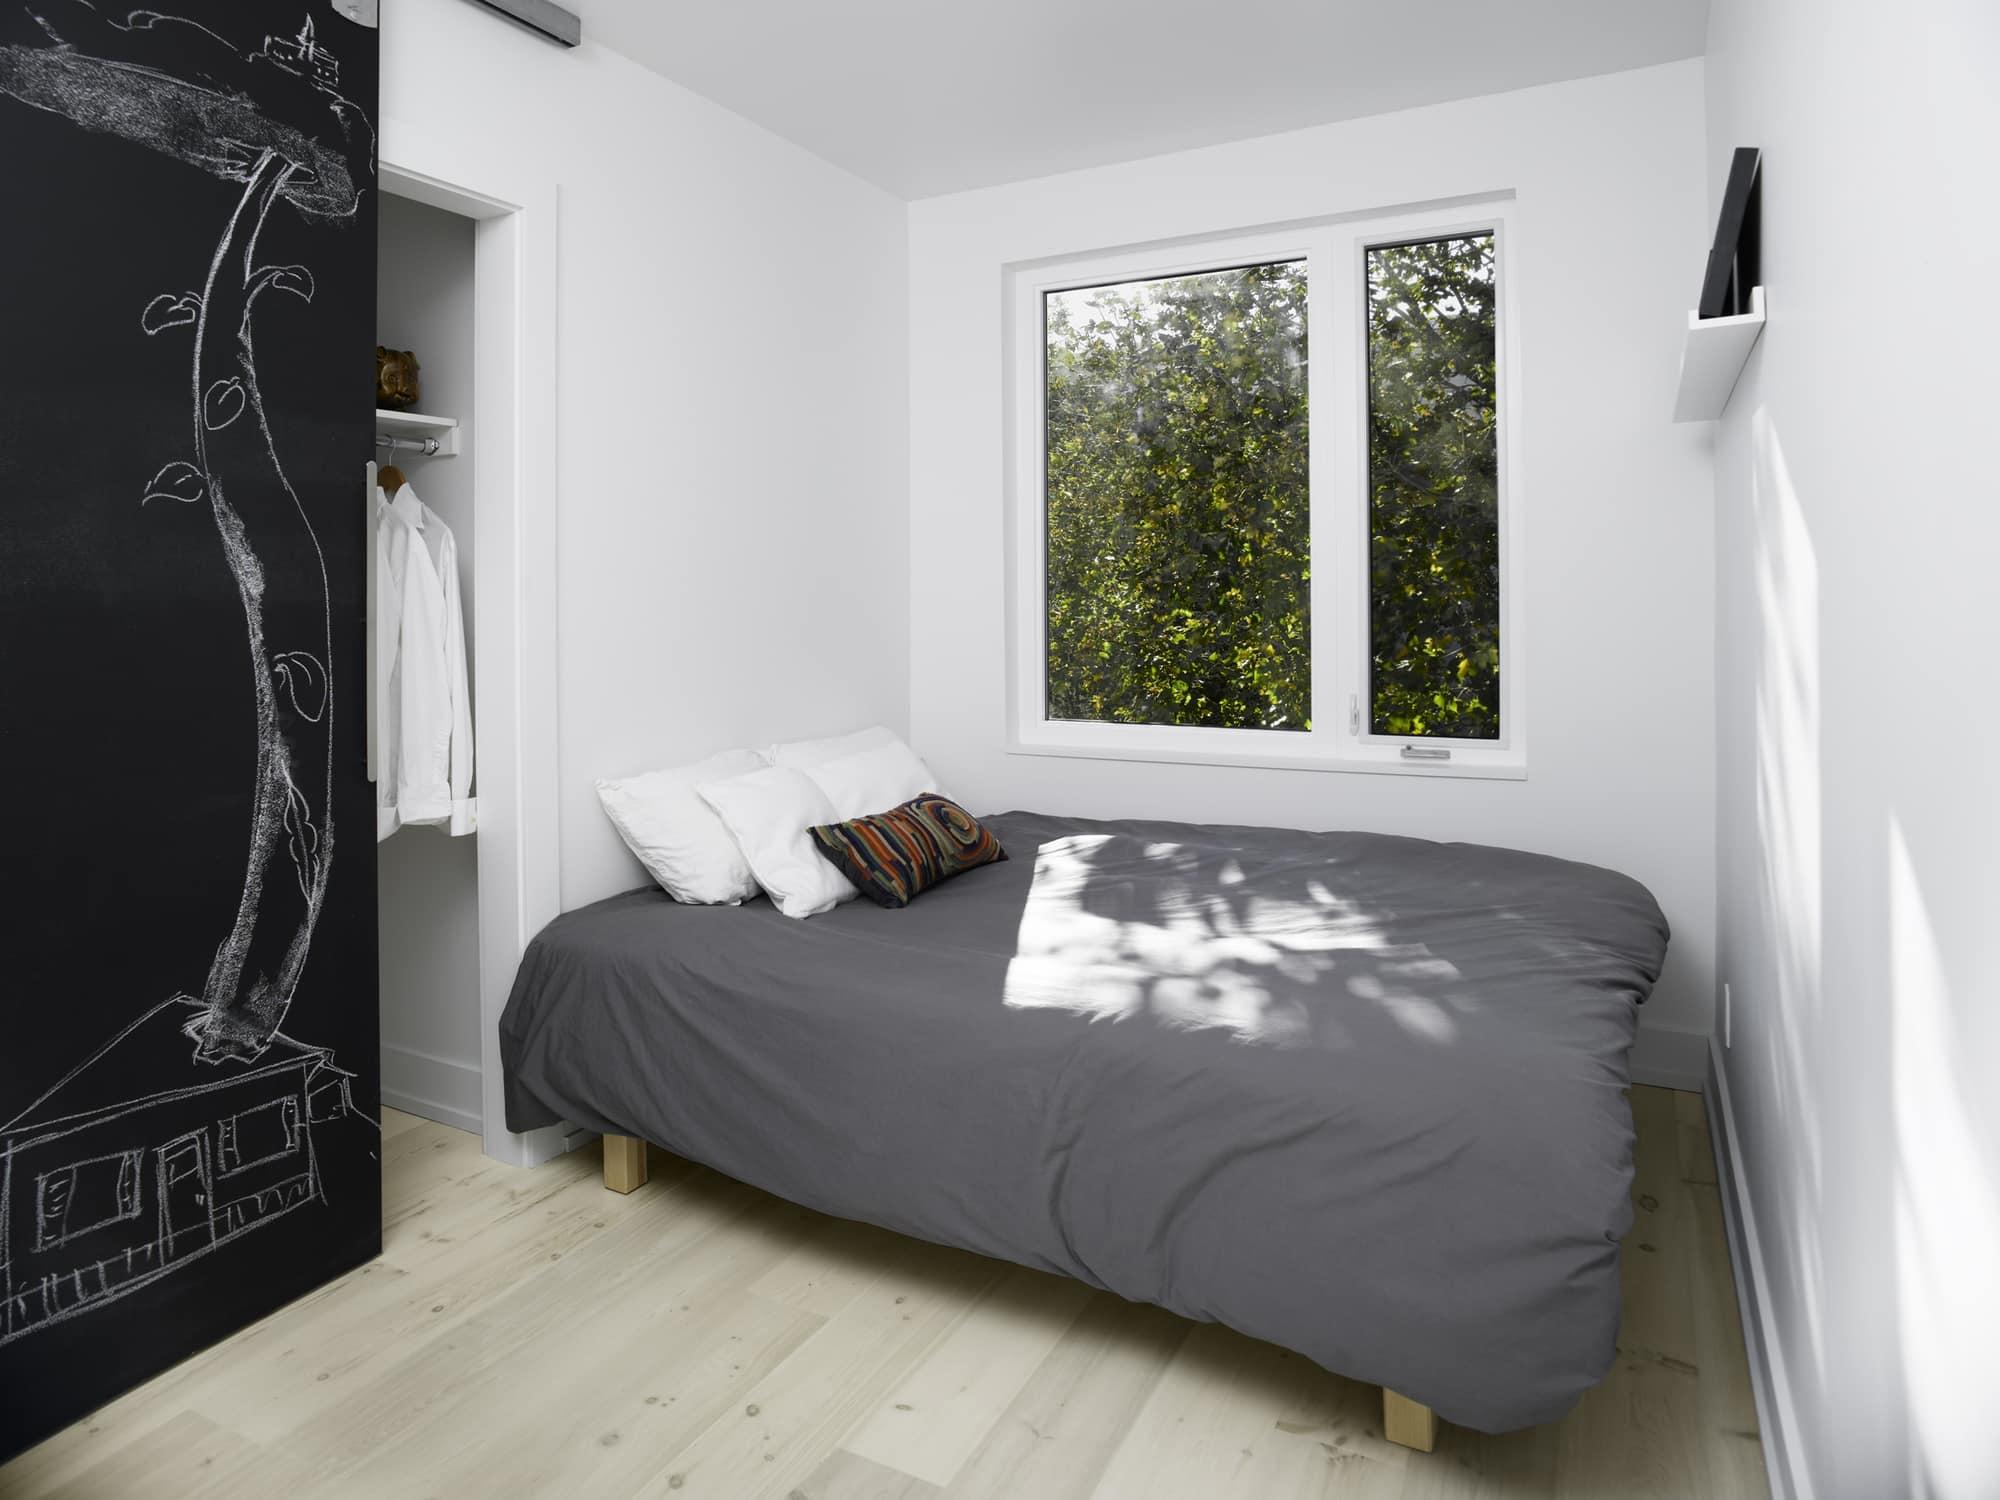 Casa con fachada met lica y construcci n ligera for Clases de decoracion de interiores